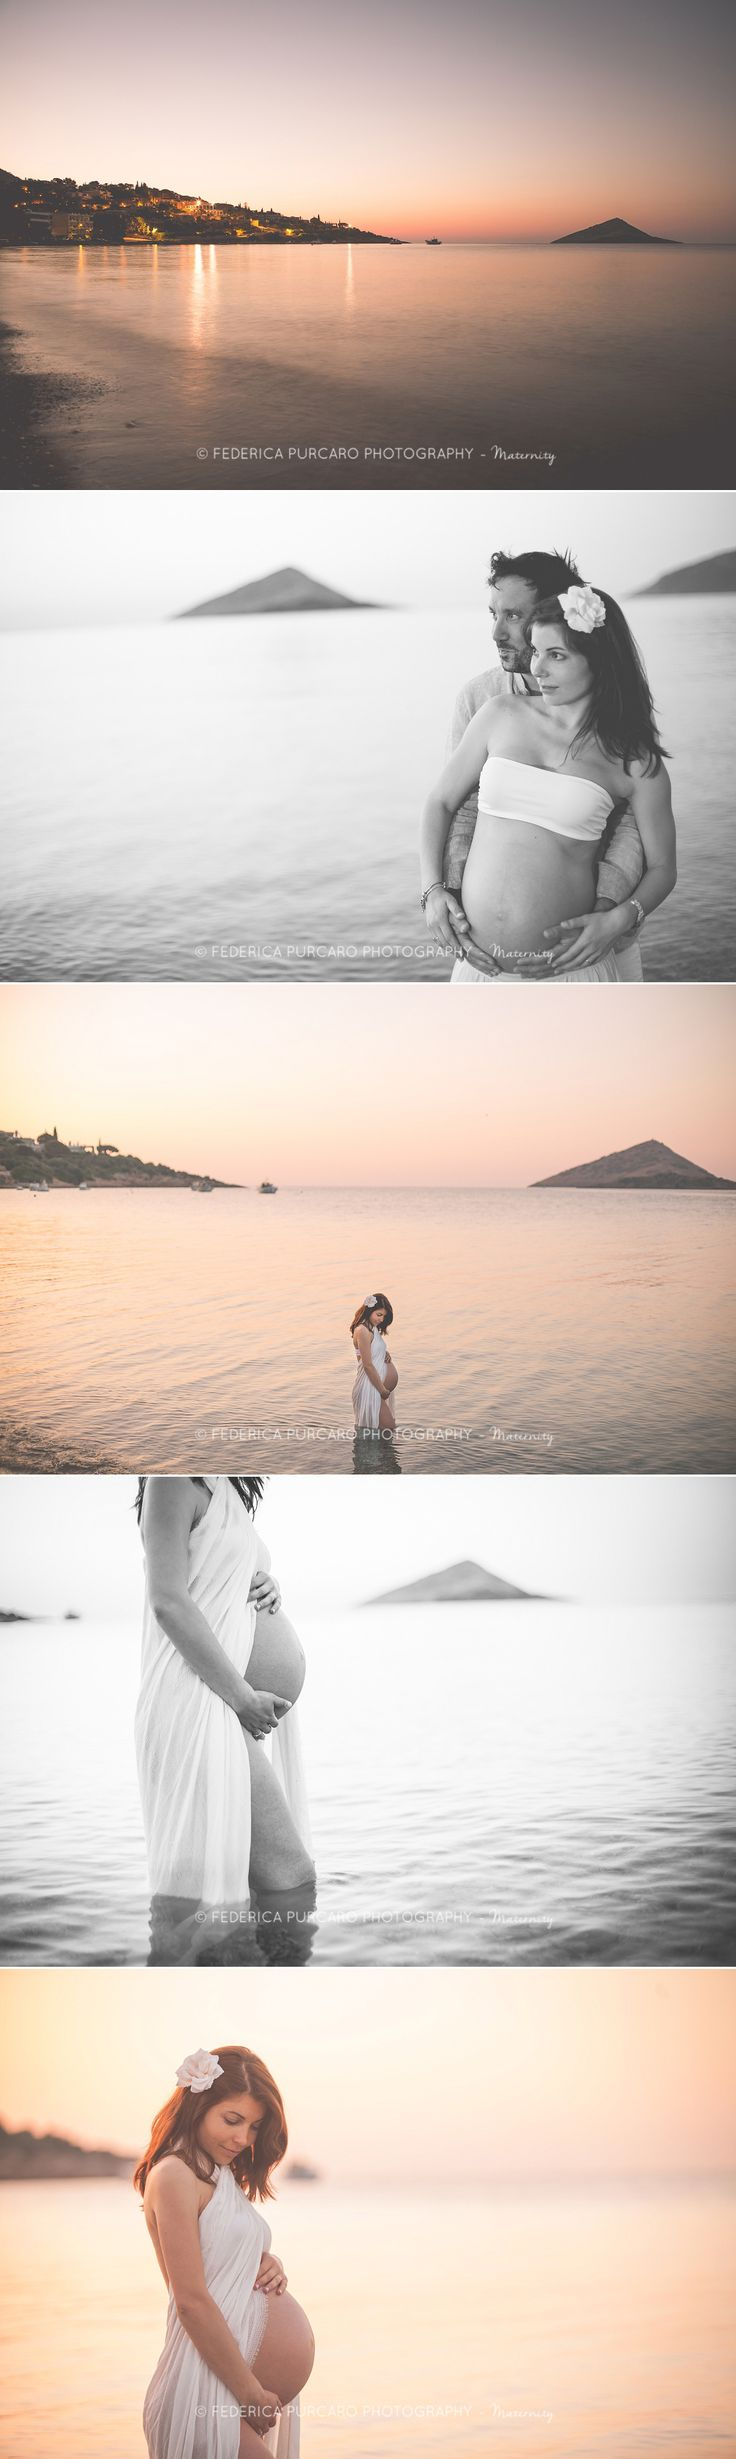 Eva & Aris - Gravidanza ad Atene - Fotografo Maternità - Federica Purcaro Photography